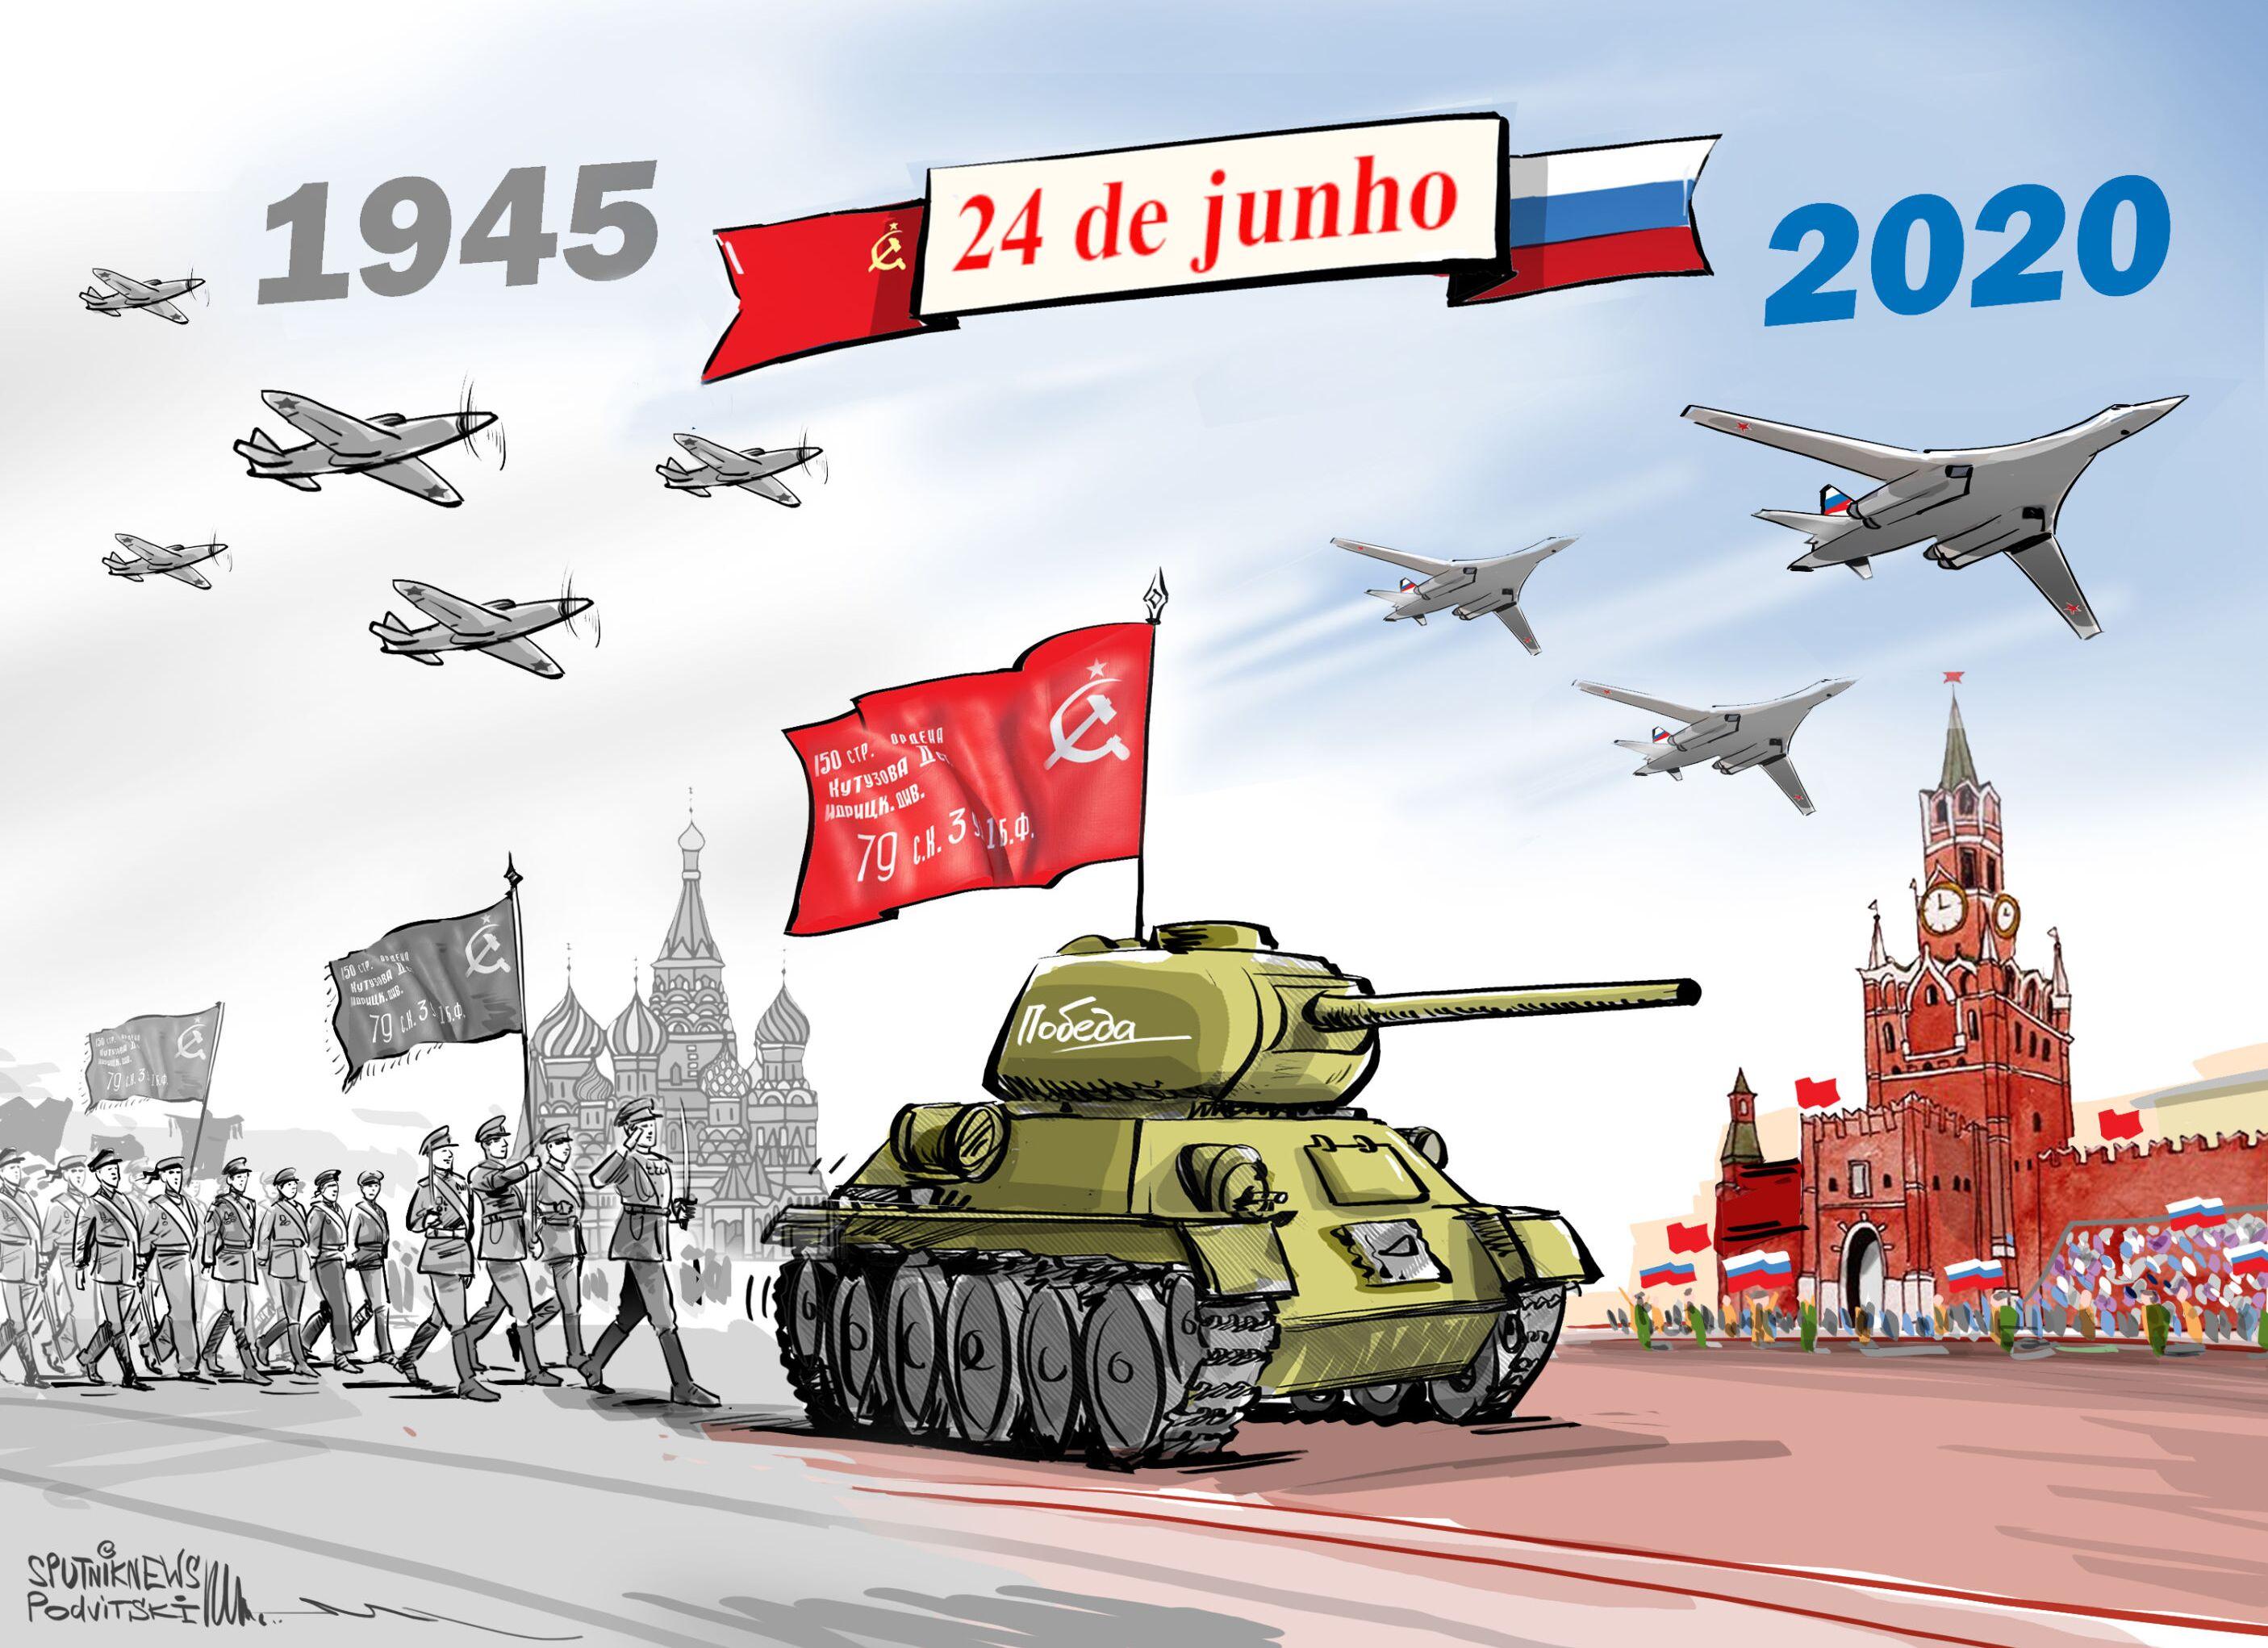 Celebremos com orgulho os 75 anos da Vitória!